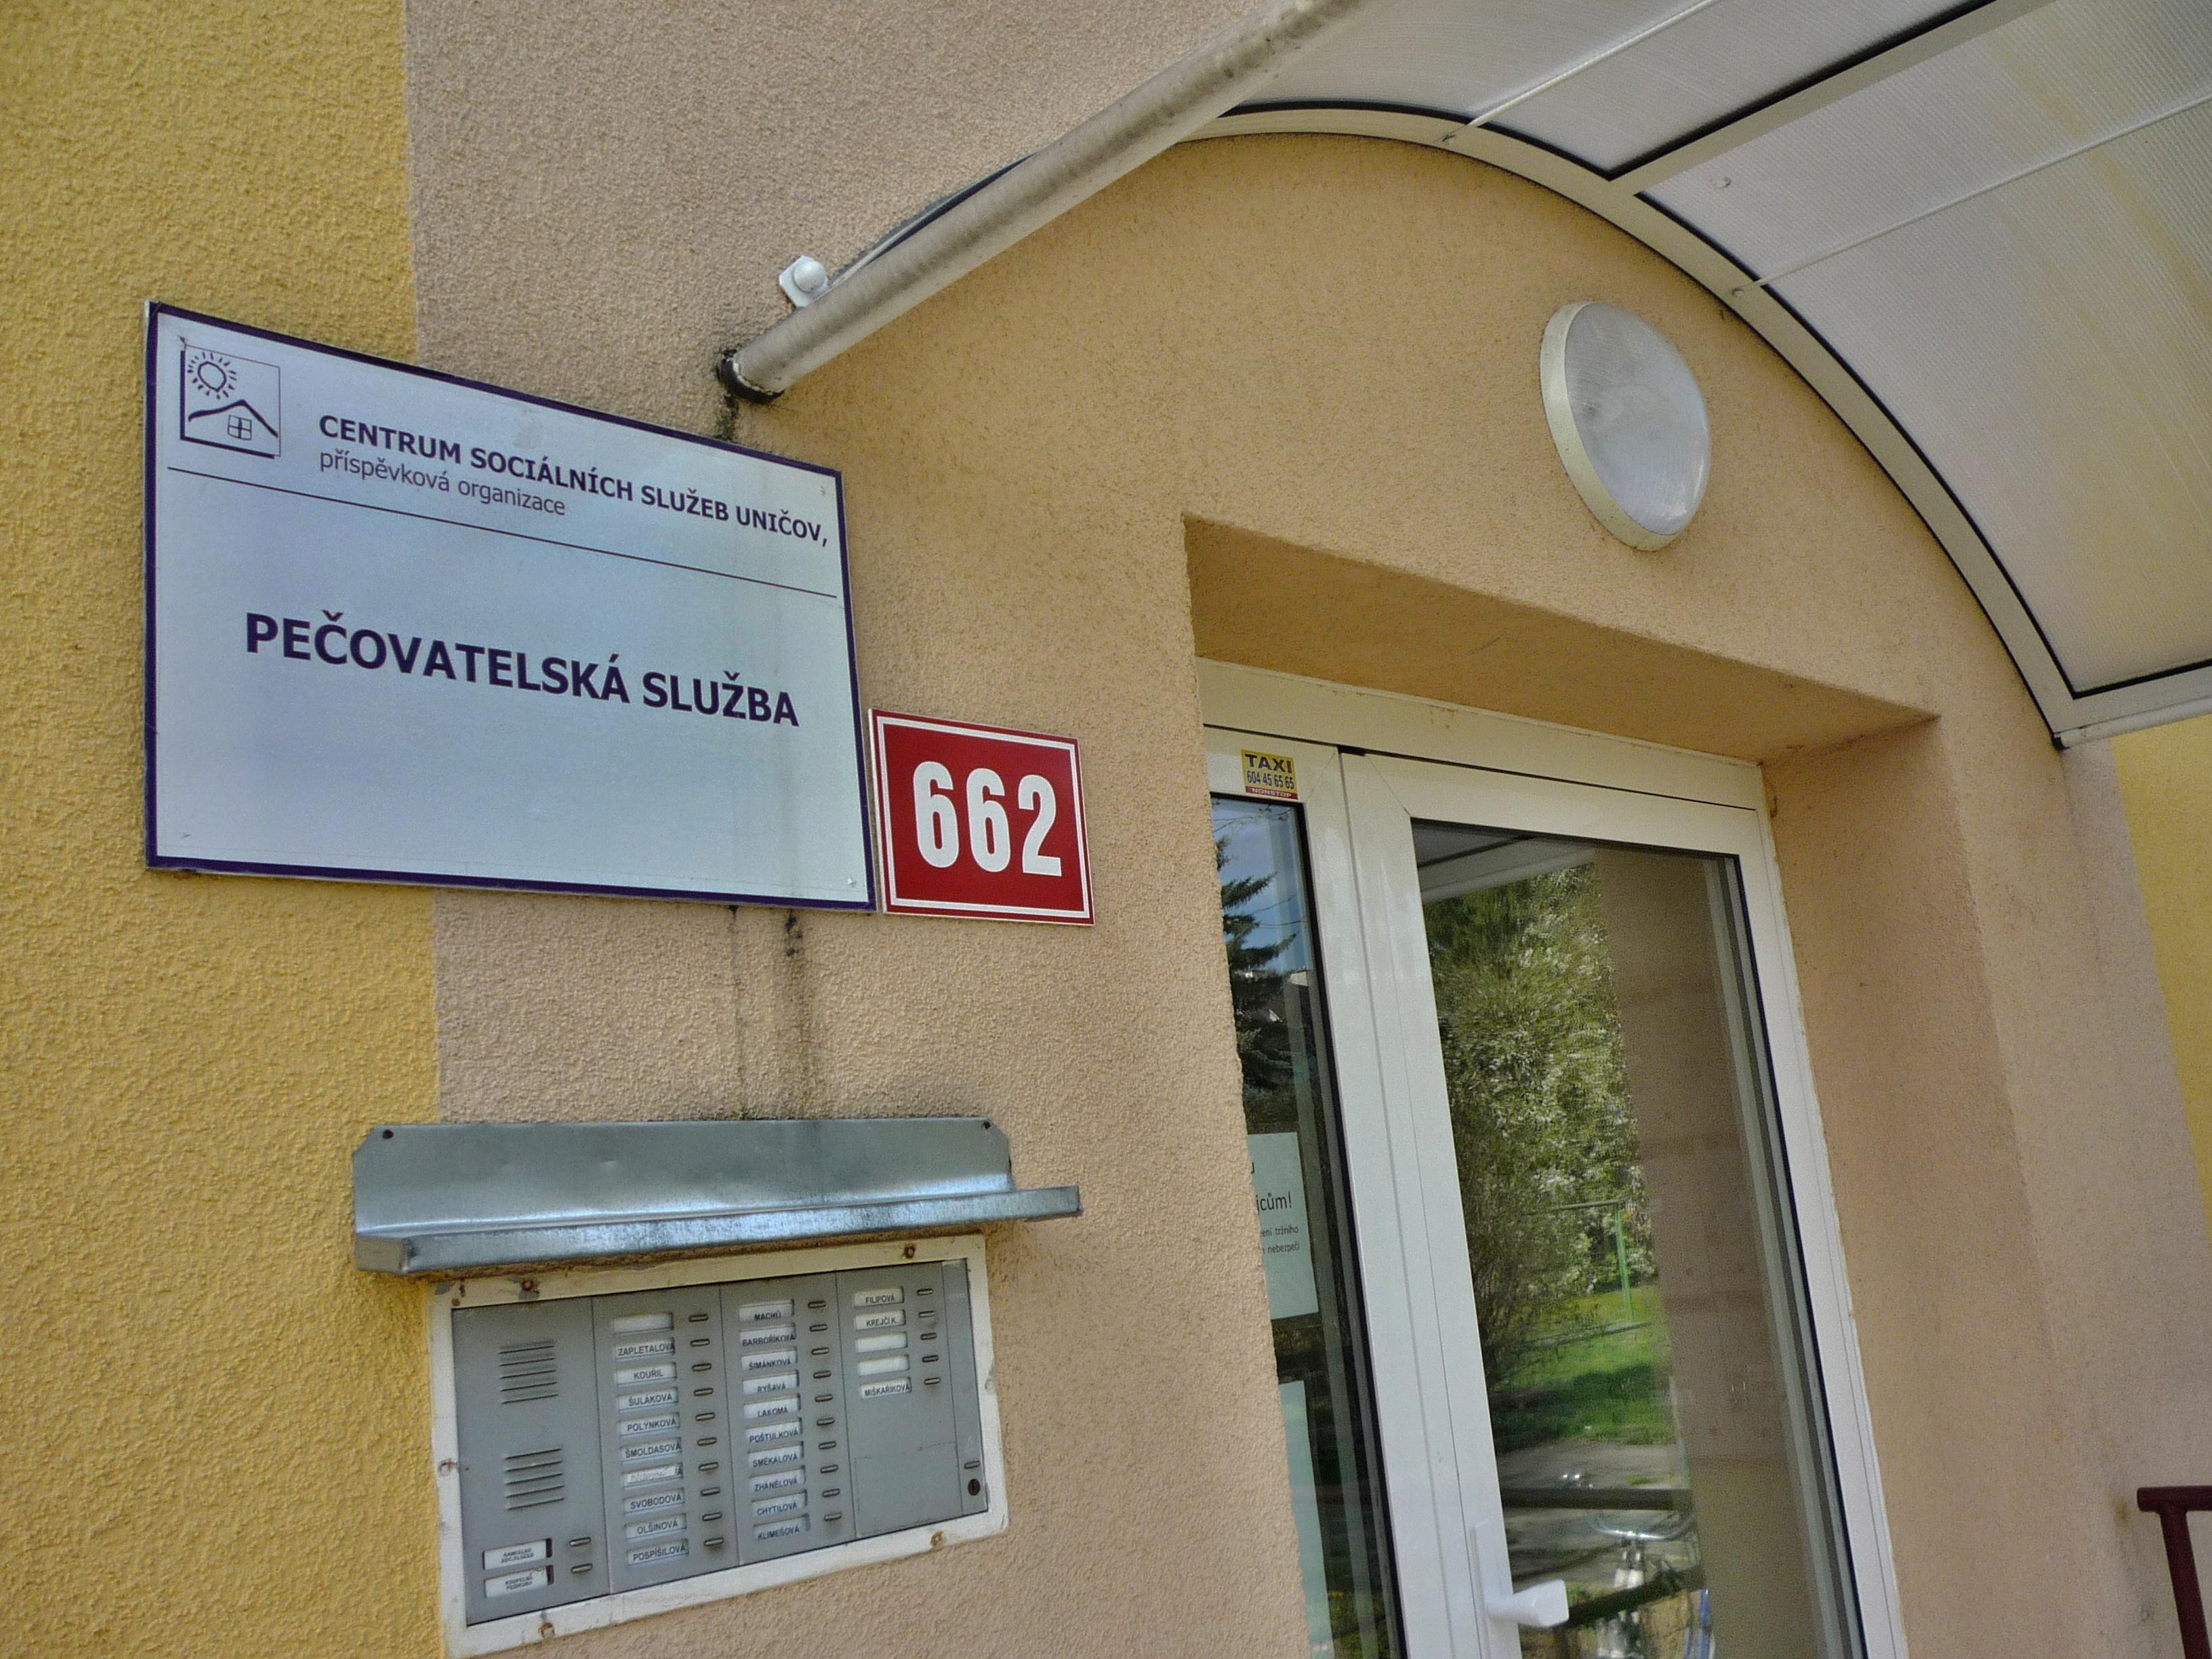 Vchod pečovatelské služby